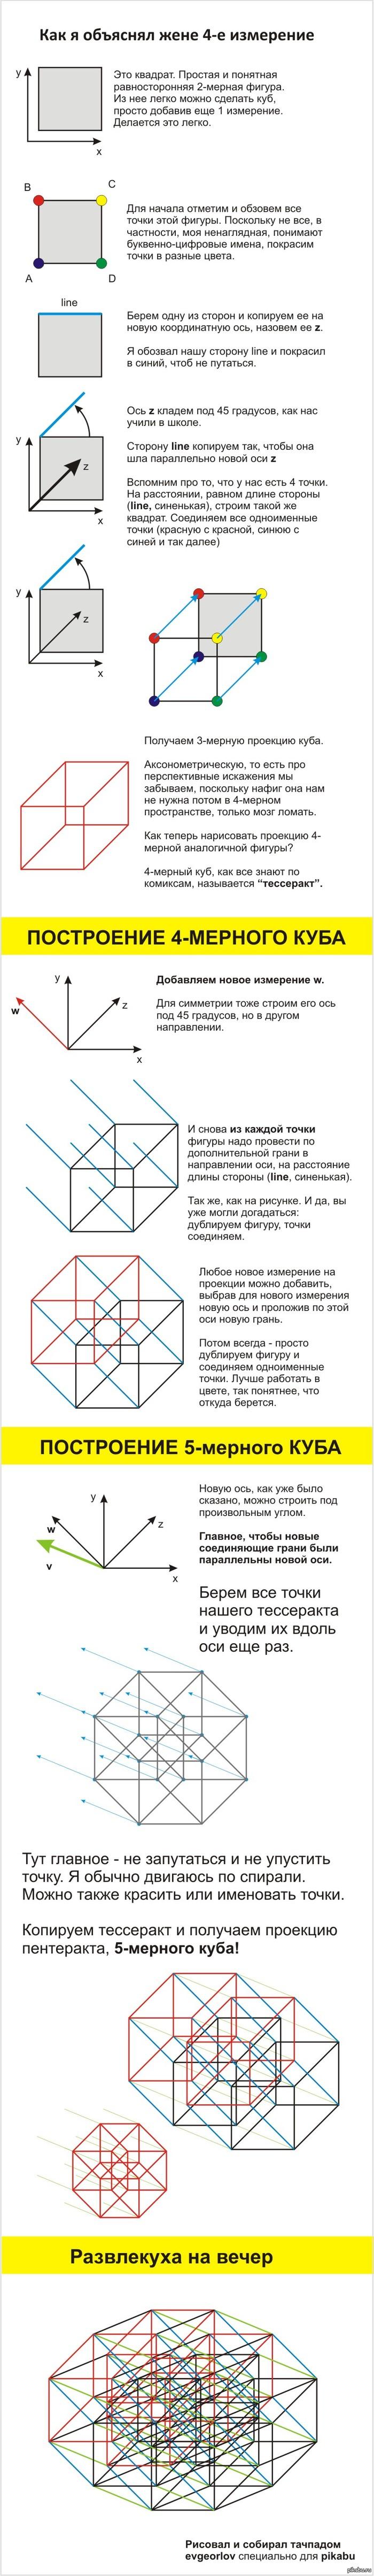 """3,4,5,6-мерный куб.  Как строятся многомерные фигуры, в простых словах. В продолжение поста <a href=""""http://pikabu.ru/story/penterakt_5mernyiy_kub_1675454"""">http://pikabu.ru/story/_1675454</a>  P.S.:Девушки, не читайте псевдонаучной белиберды."""